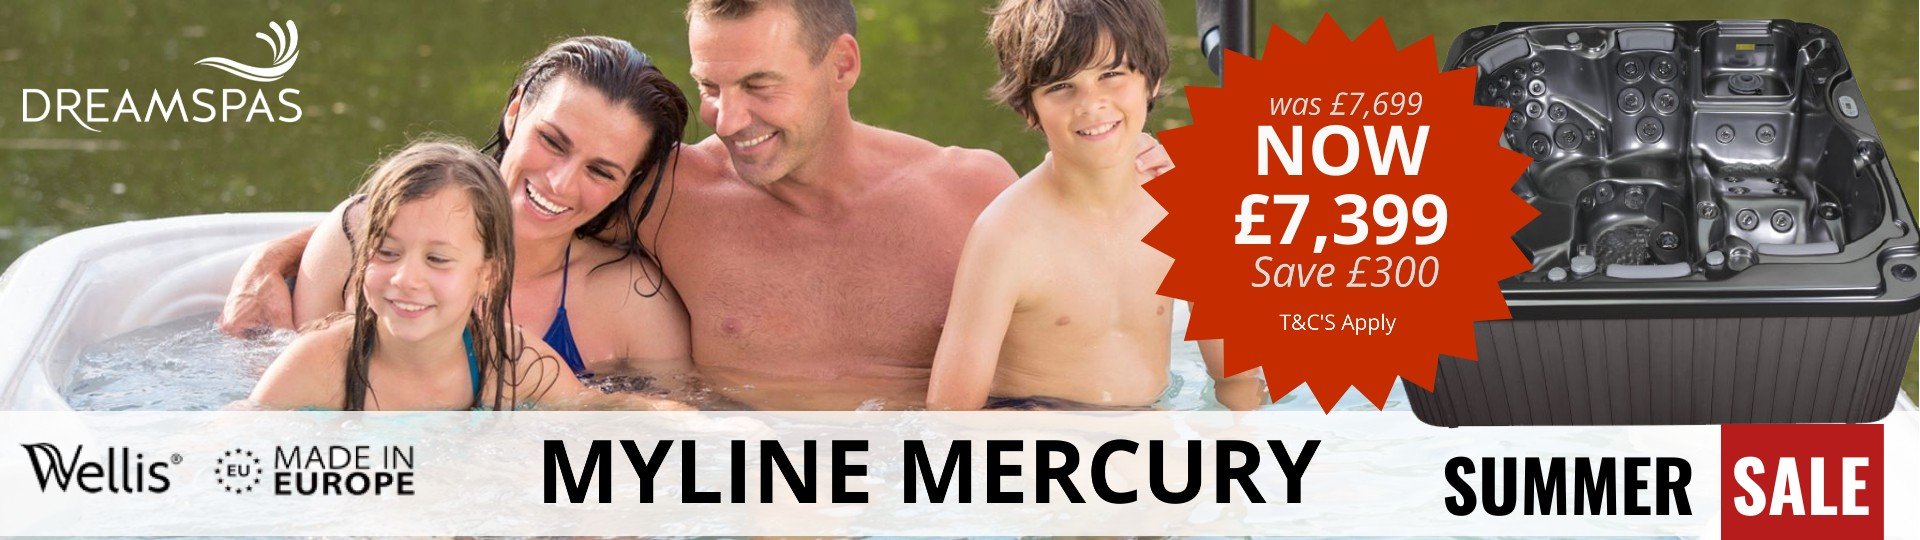 MyLine Mercury